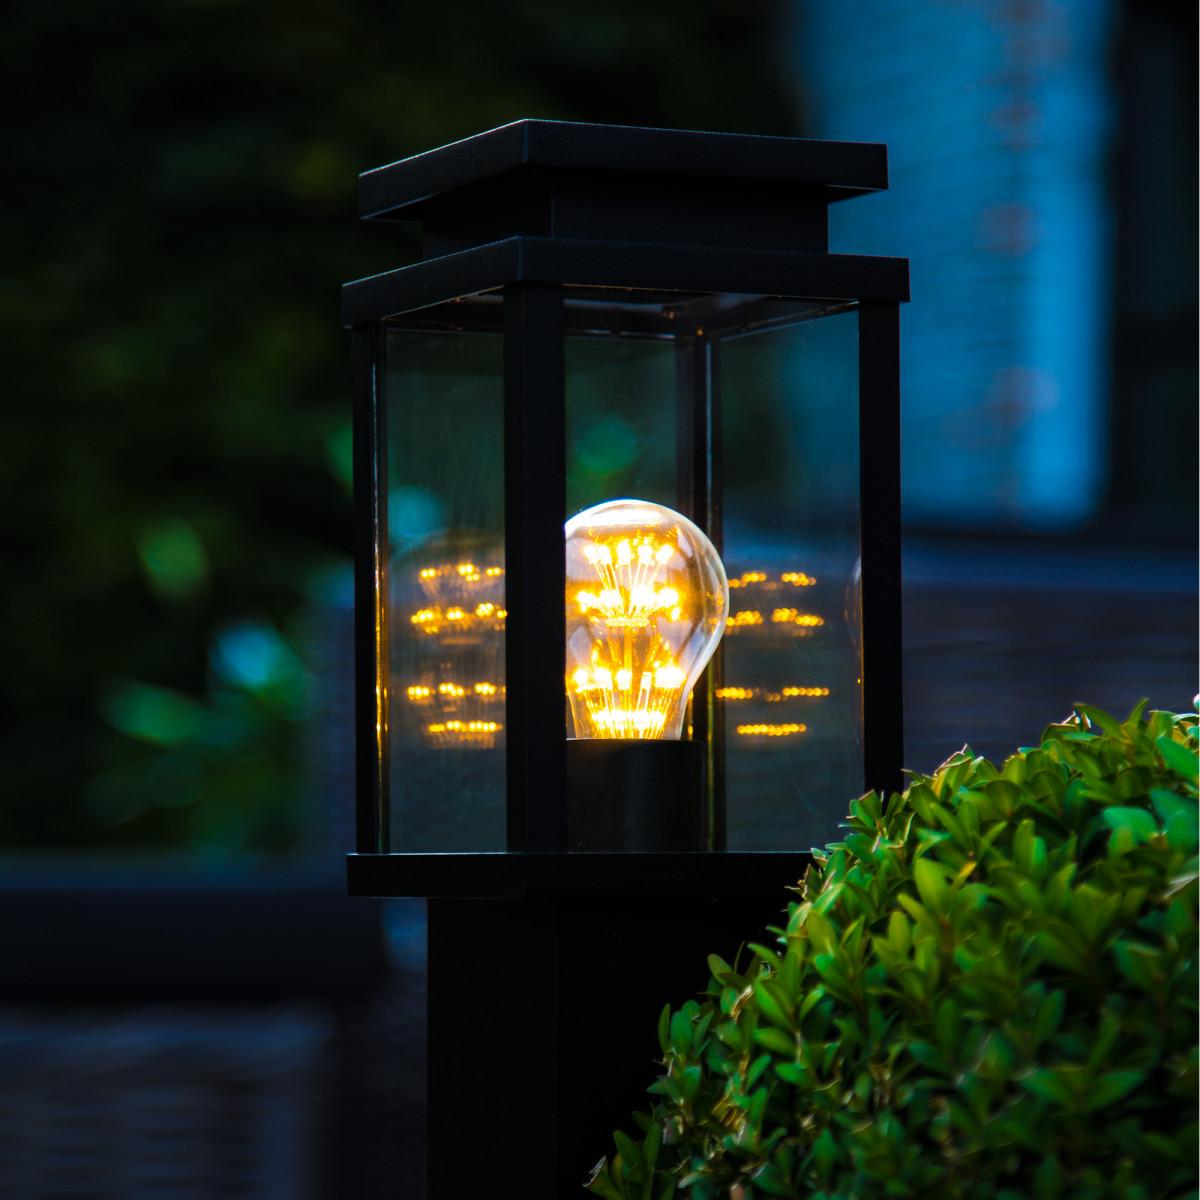 Tuinlamp Jersey Terras (7356) - KS Verlichting - Populair, Strak en Klassiek